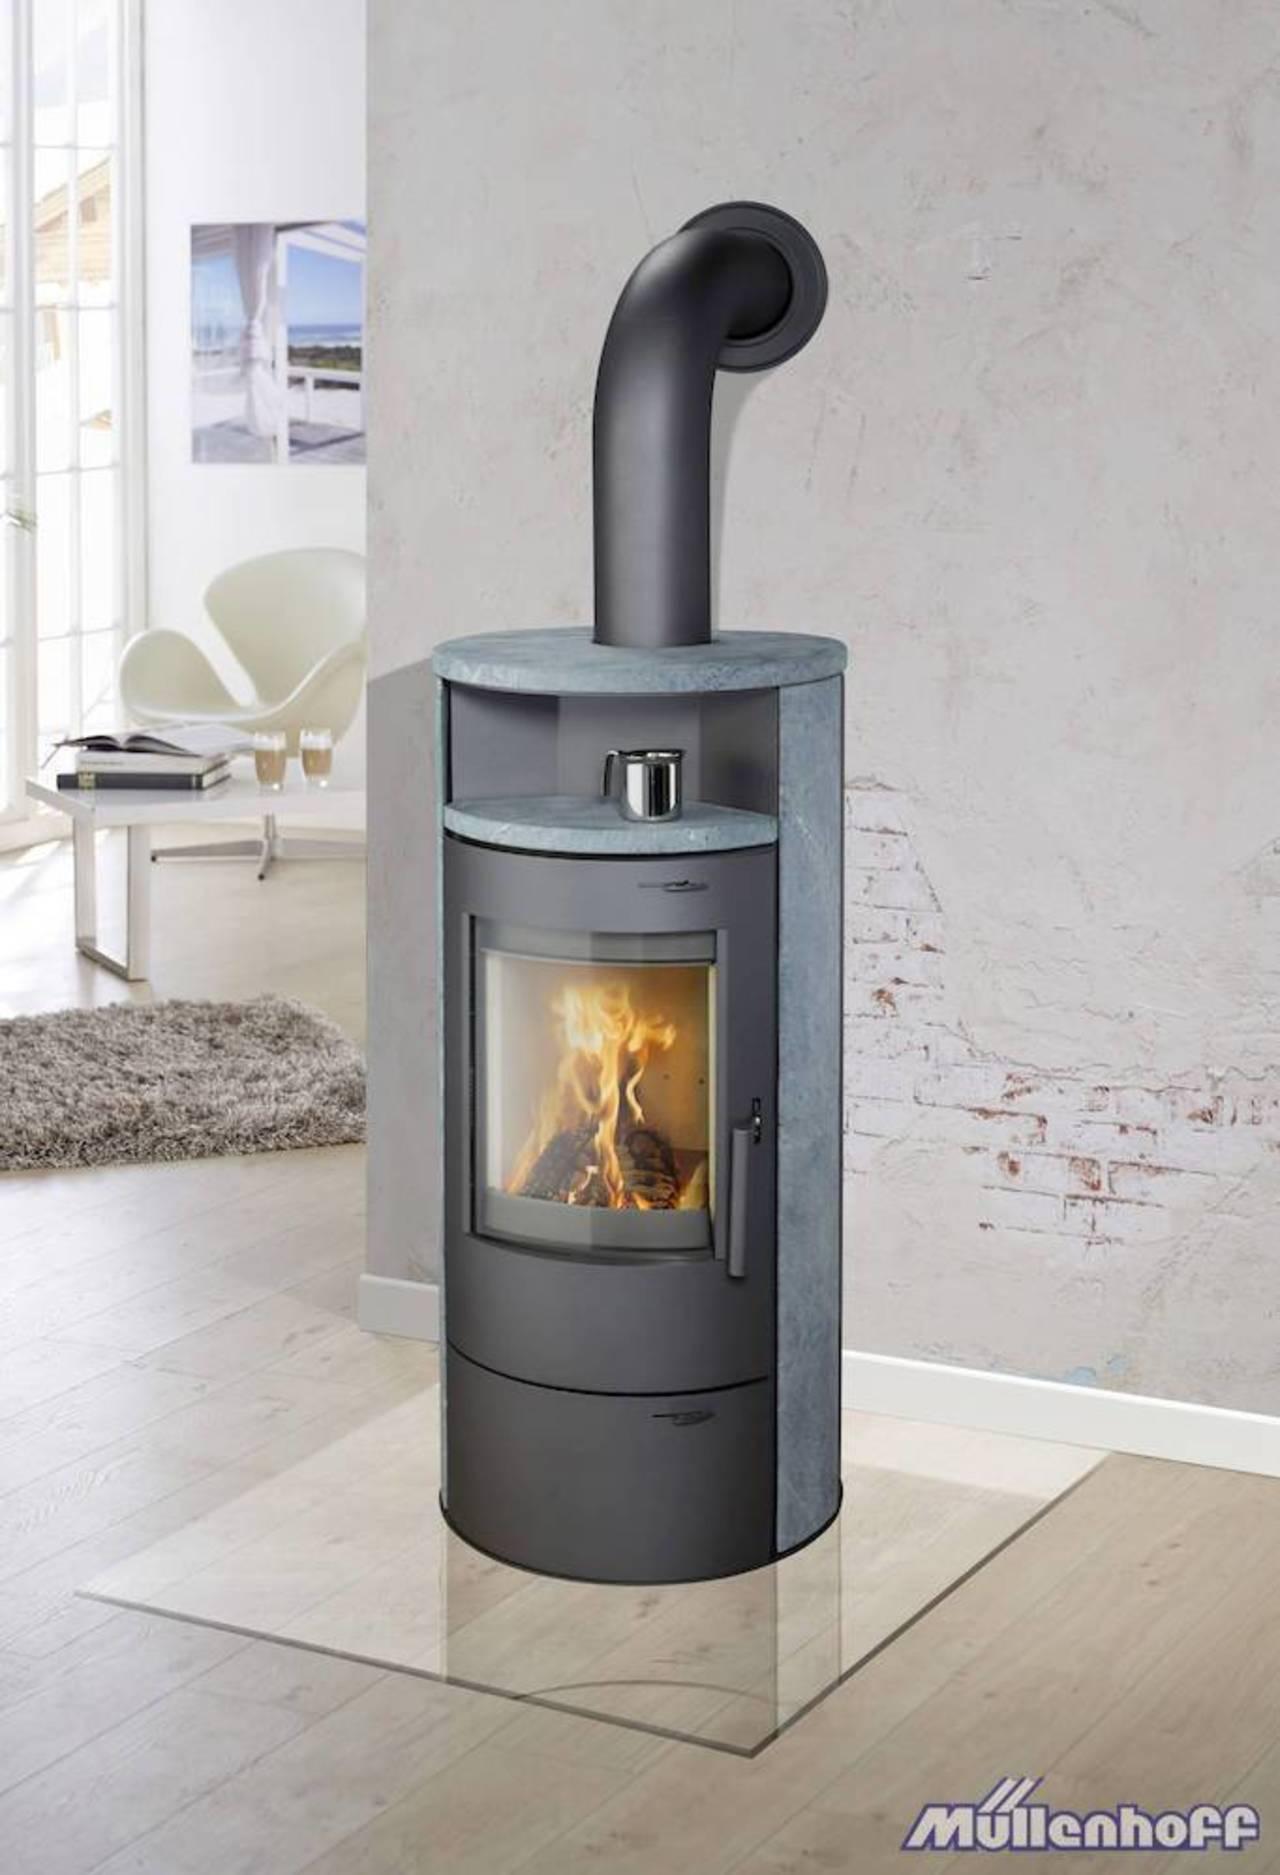 thermia kaminofen m nchen mit naturstein 7 kw dauerbrand. Black Bedroom Furniture Sets. Home Design Ideas